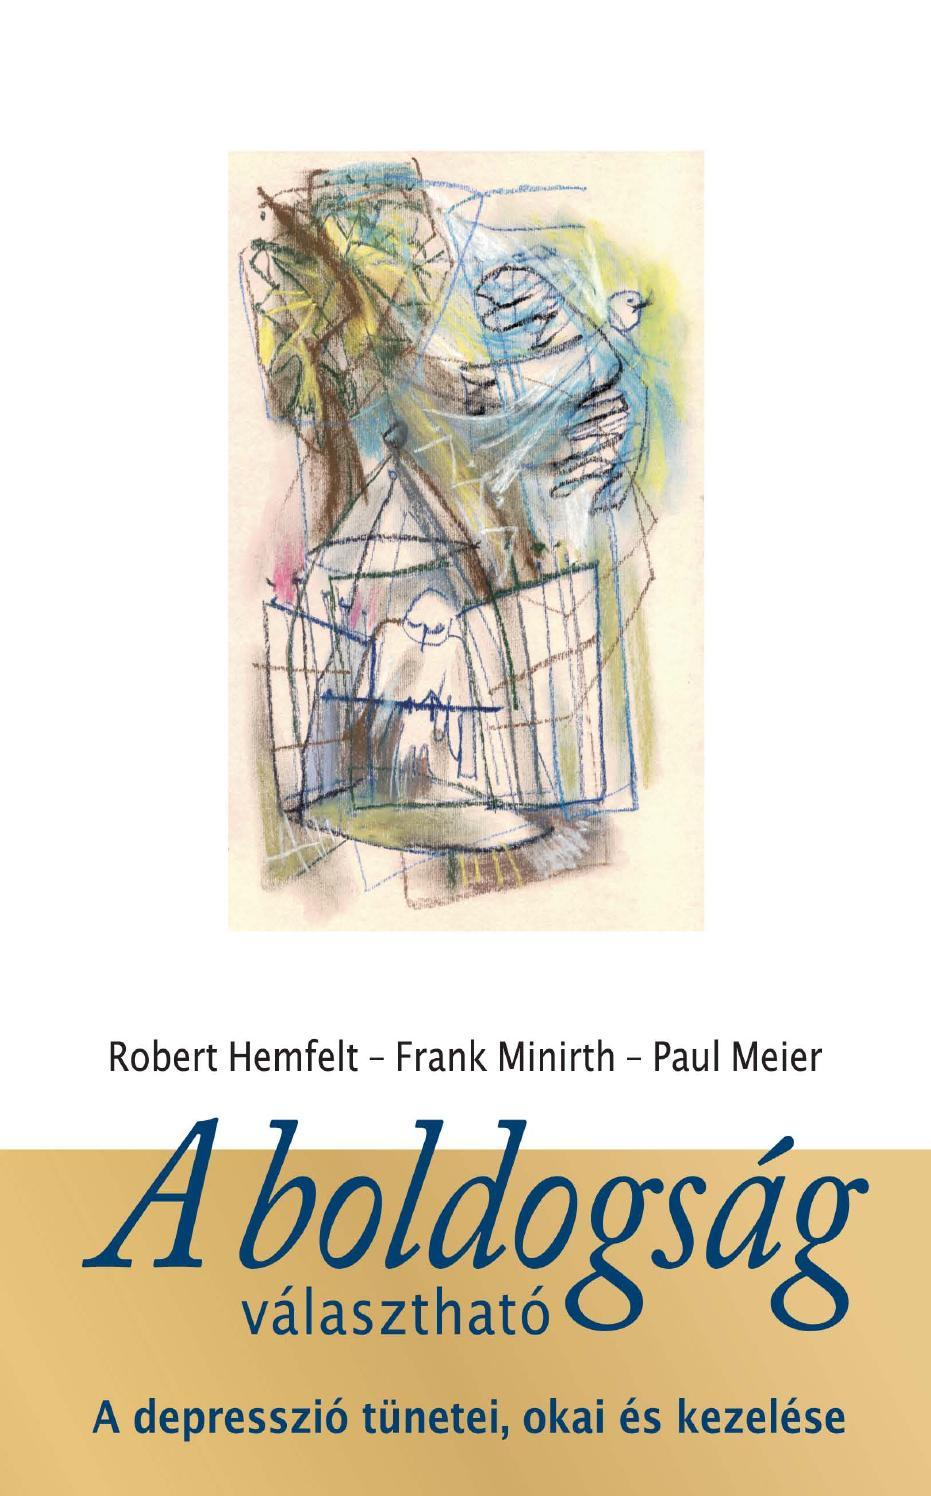 Robert Hemfelt - Frank Minirth - Paul Meier: A boldogság választható by  Harmat kiadó - issuu